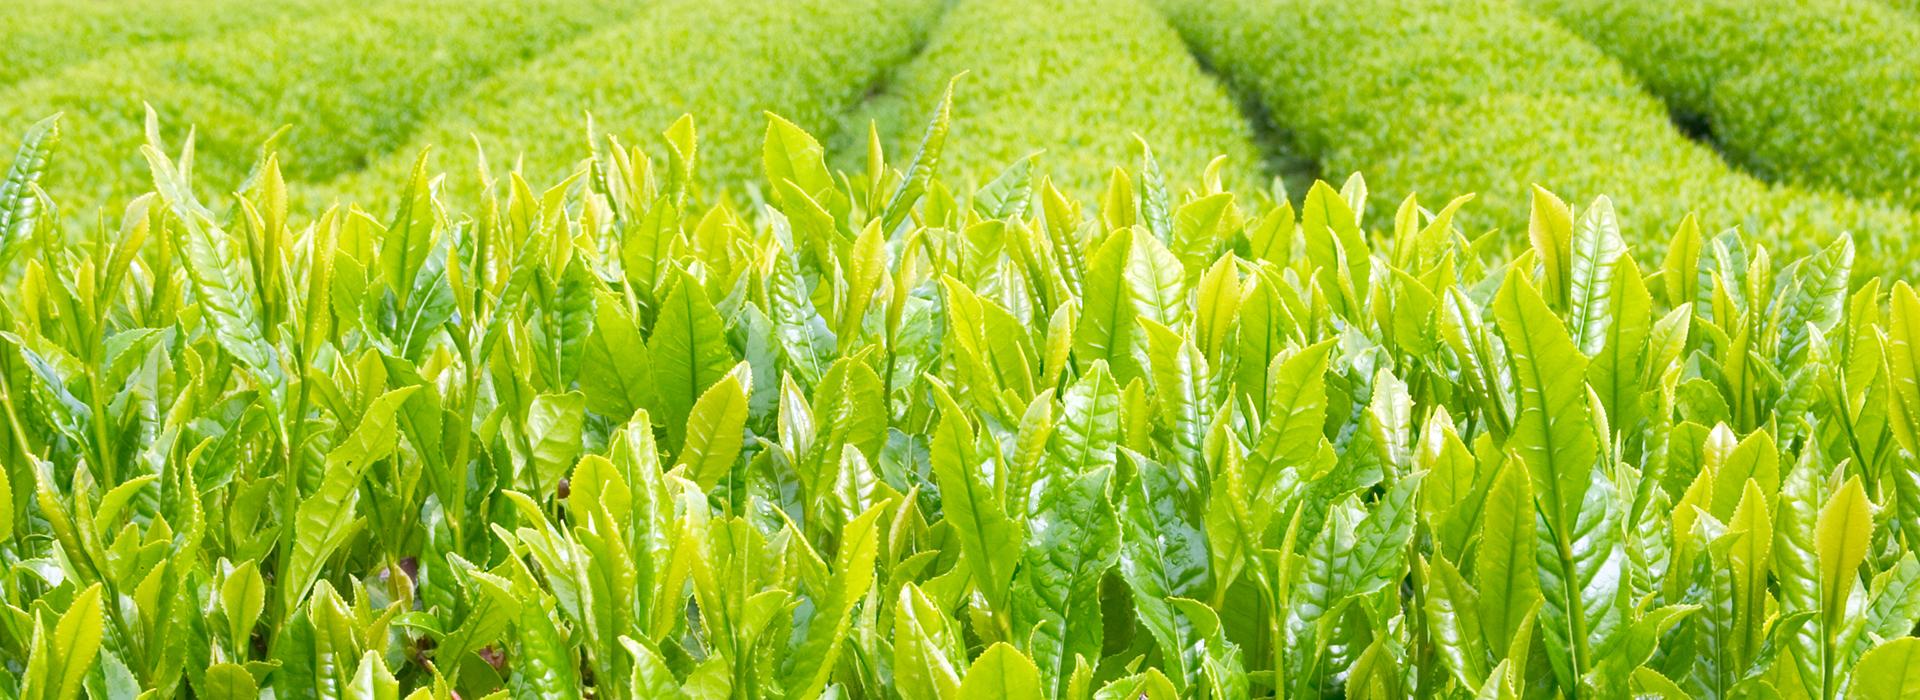 Té verde - tienda de té verde online